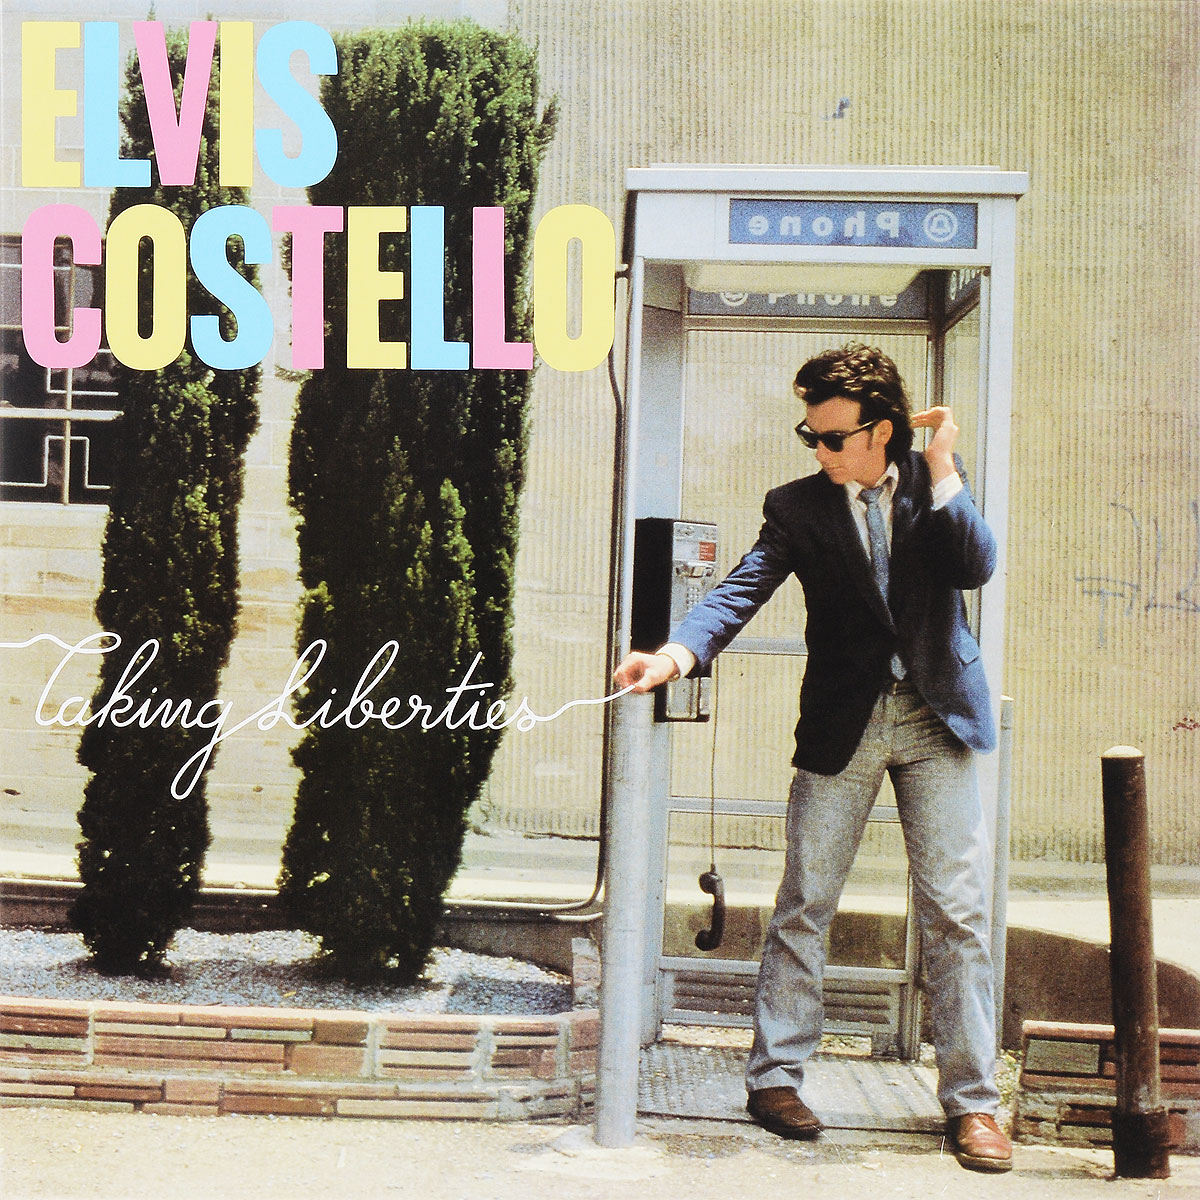 Элвис Костелло Elvis Costello. Taking Liberties (LP) элвис костелло the attractions elvis costello and the attractions ibmepderoloaml lp